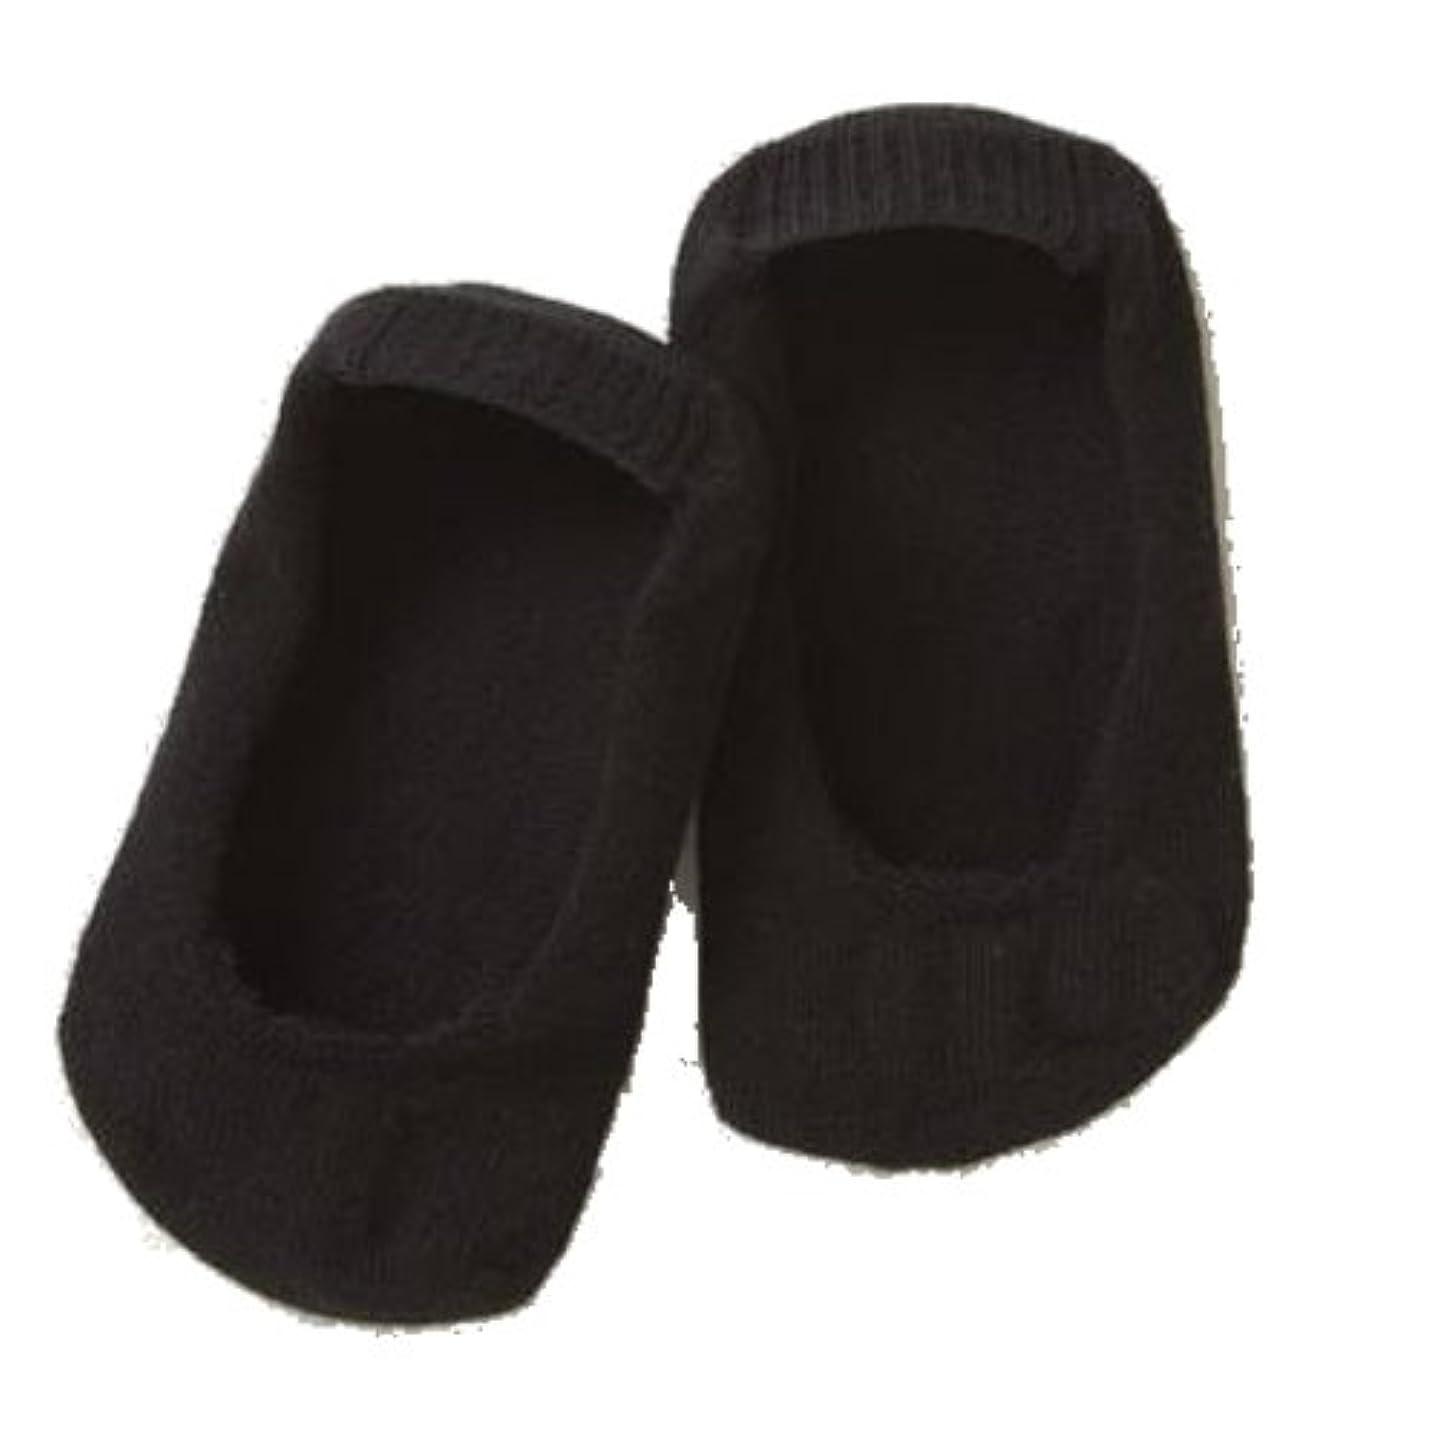 ネコリーズ軽く足指すっきり内側5本指フットカバー 1足組 ブラック